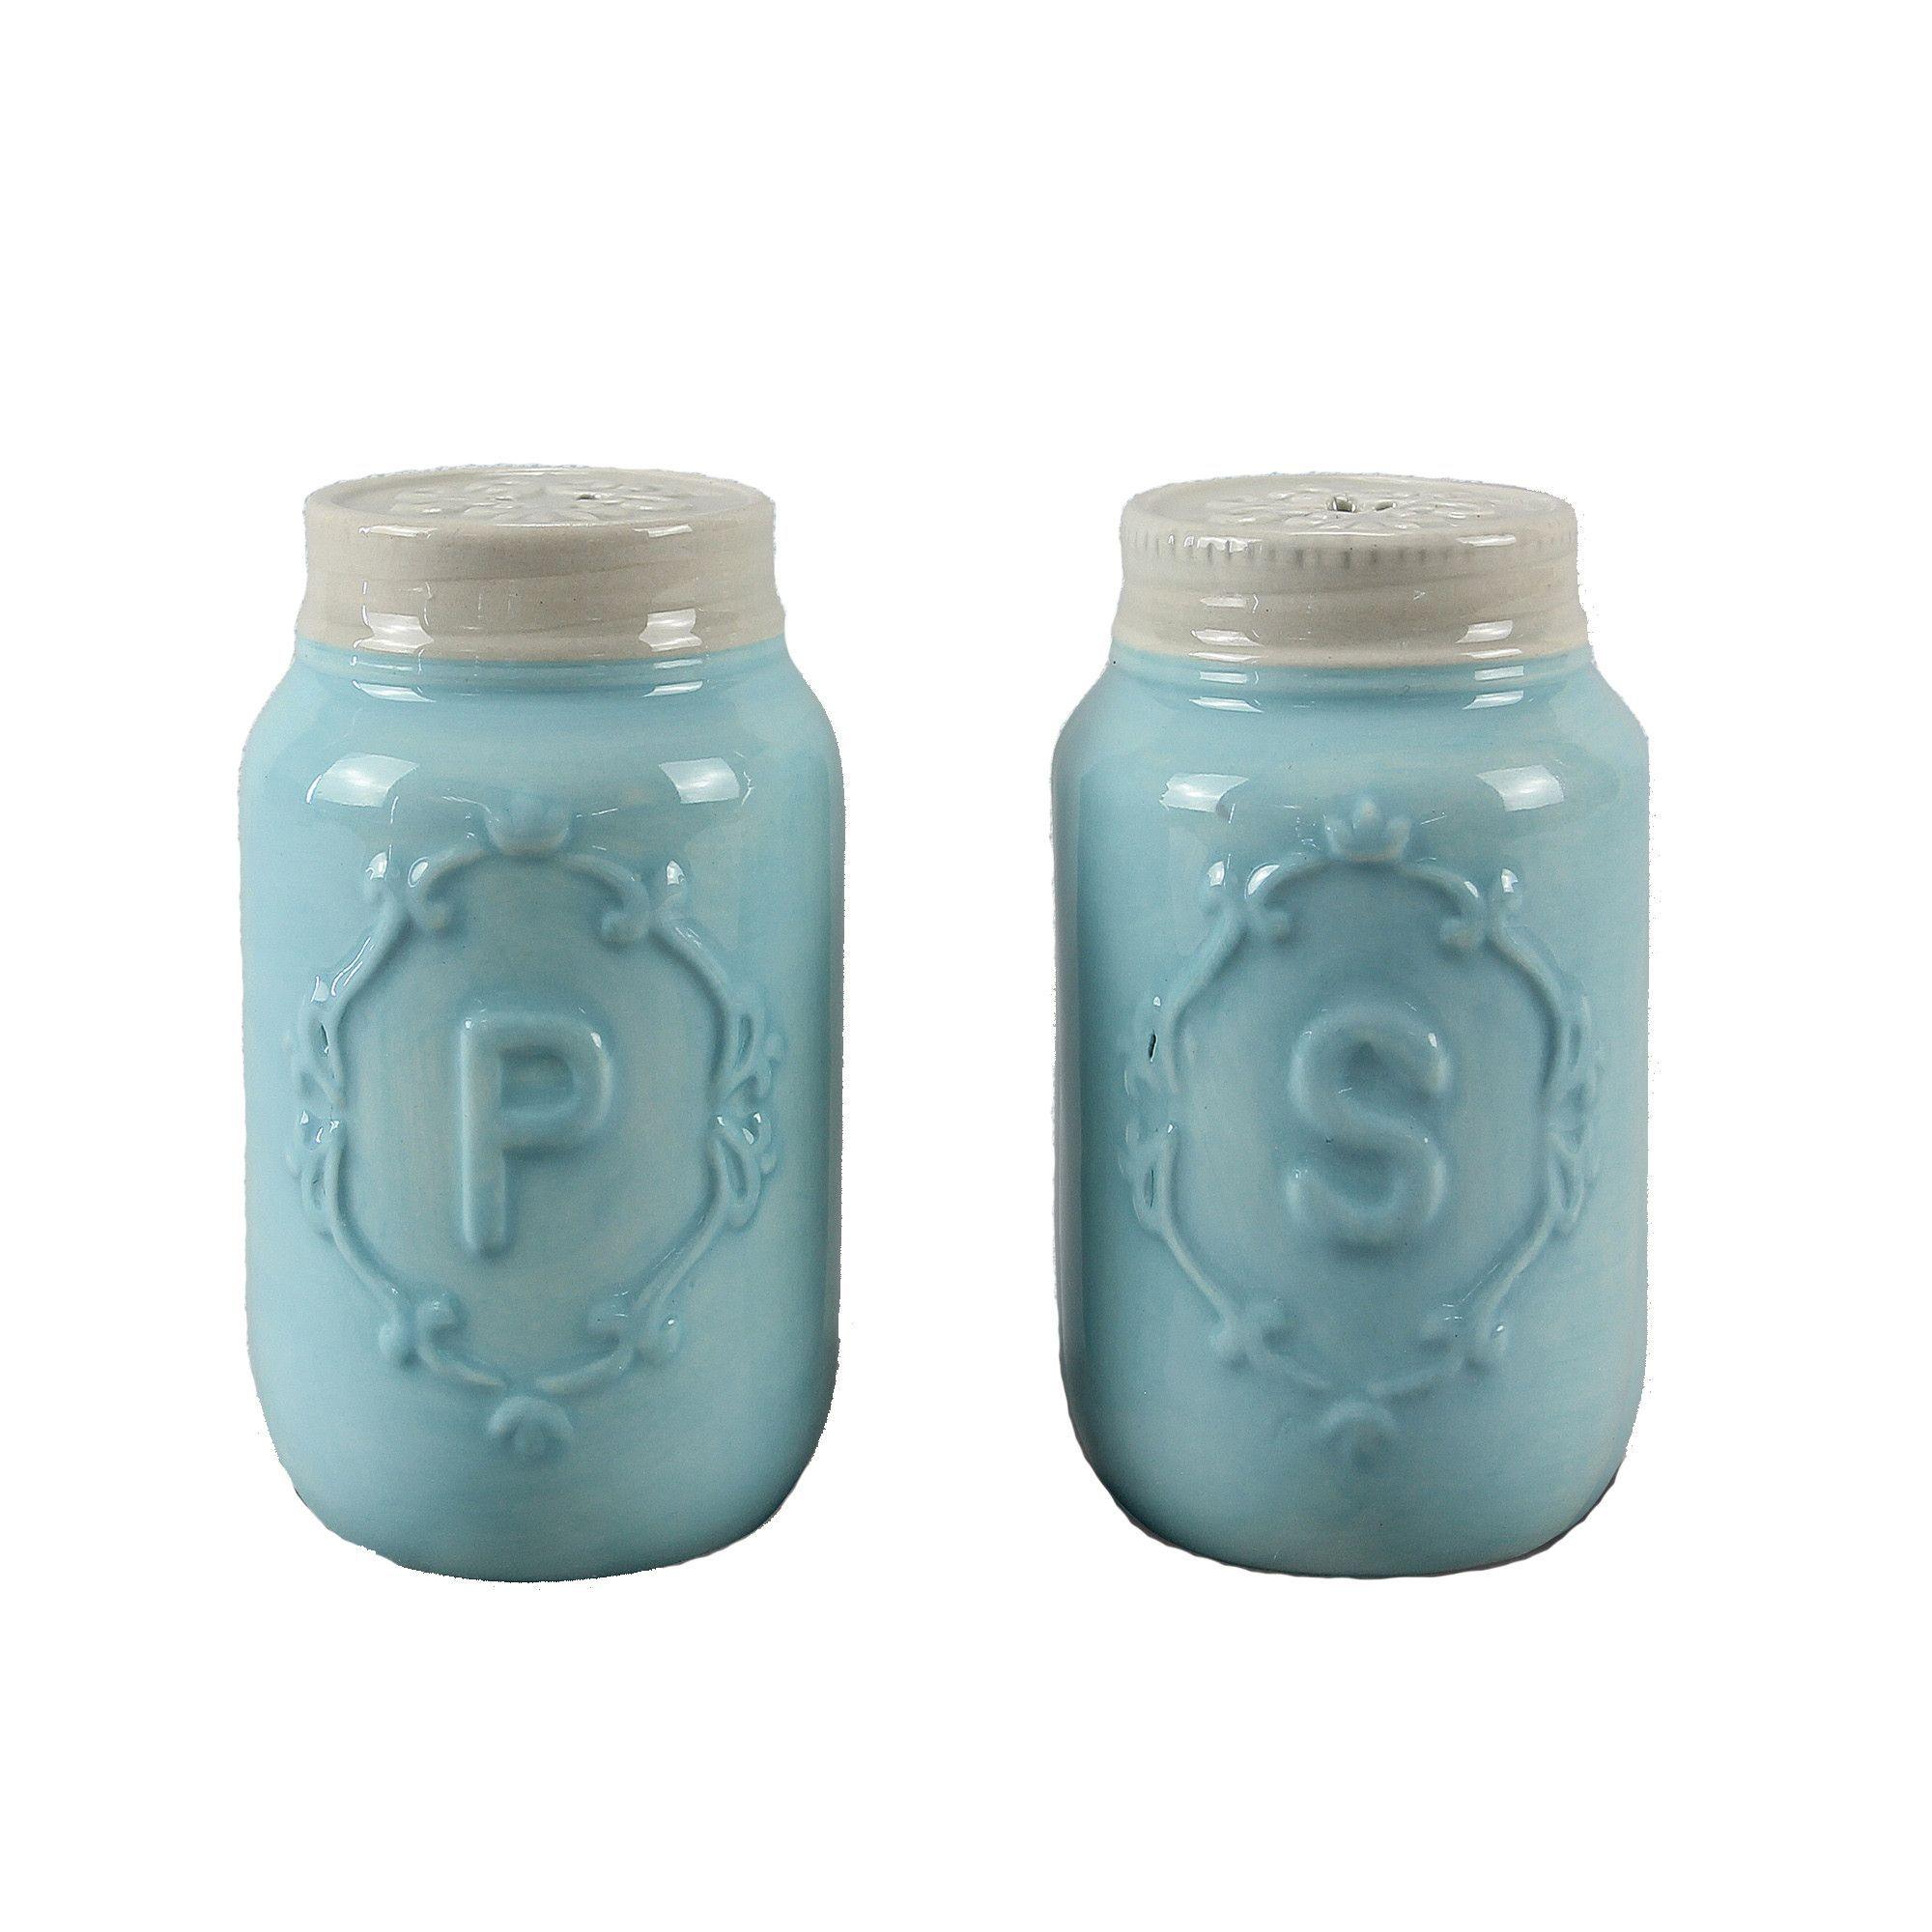 Blue Mason Jar Salt & Pepper Shakers   Salt pepper shakers, Pepper ...